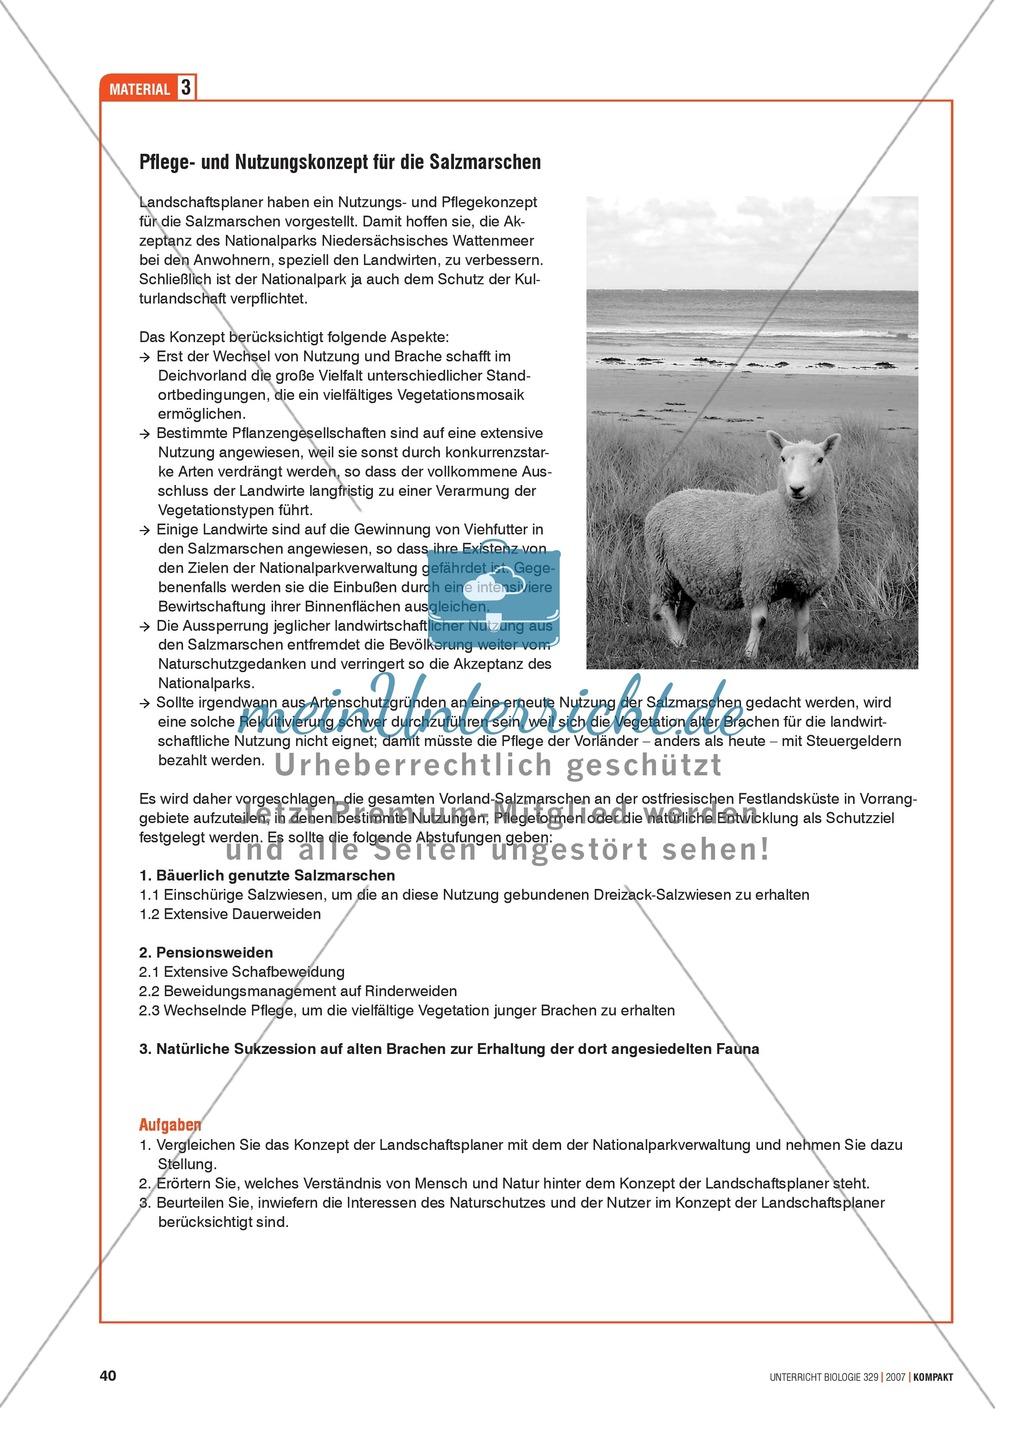 Alltagsvorstellungen zur Ökologie - Mensch und Natur: Info-Text und Aufgaben Preview 6